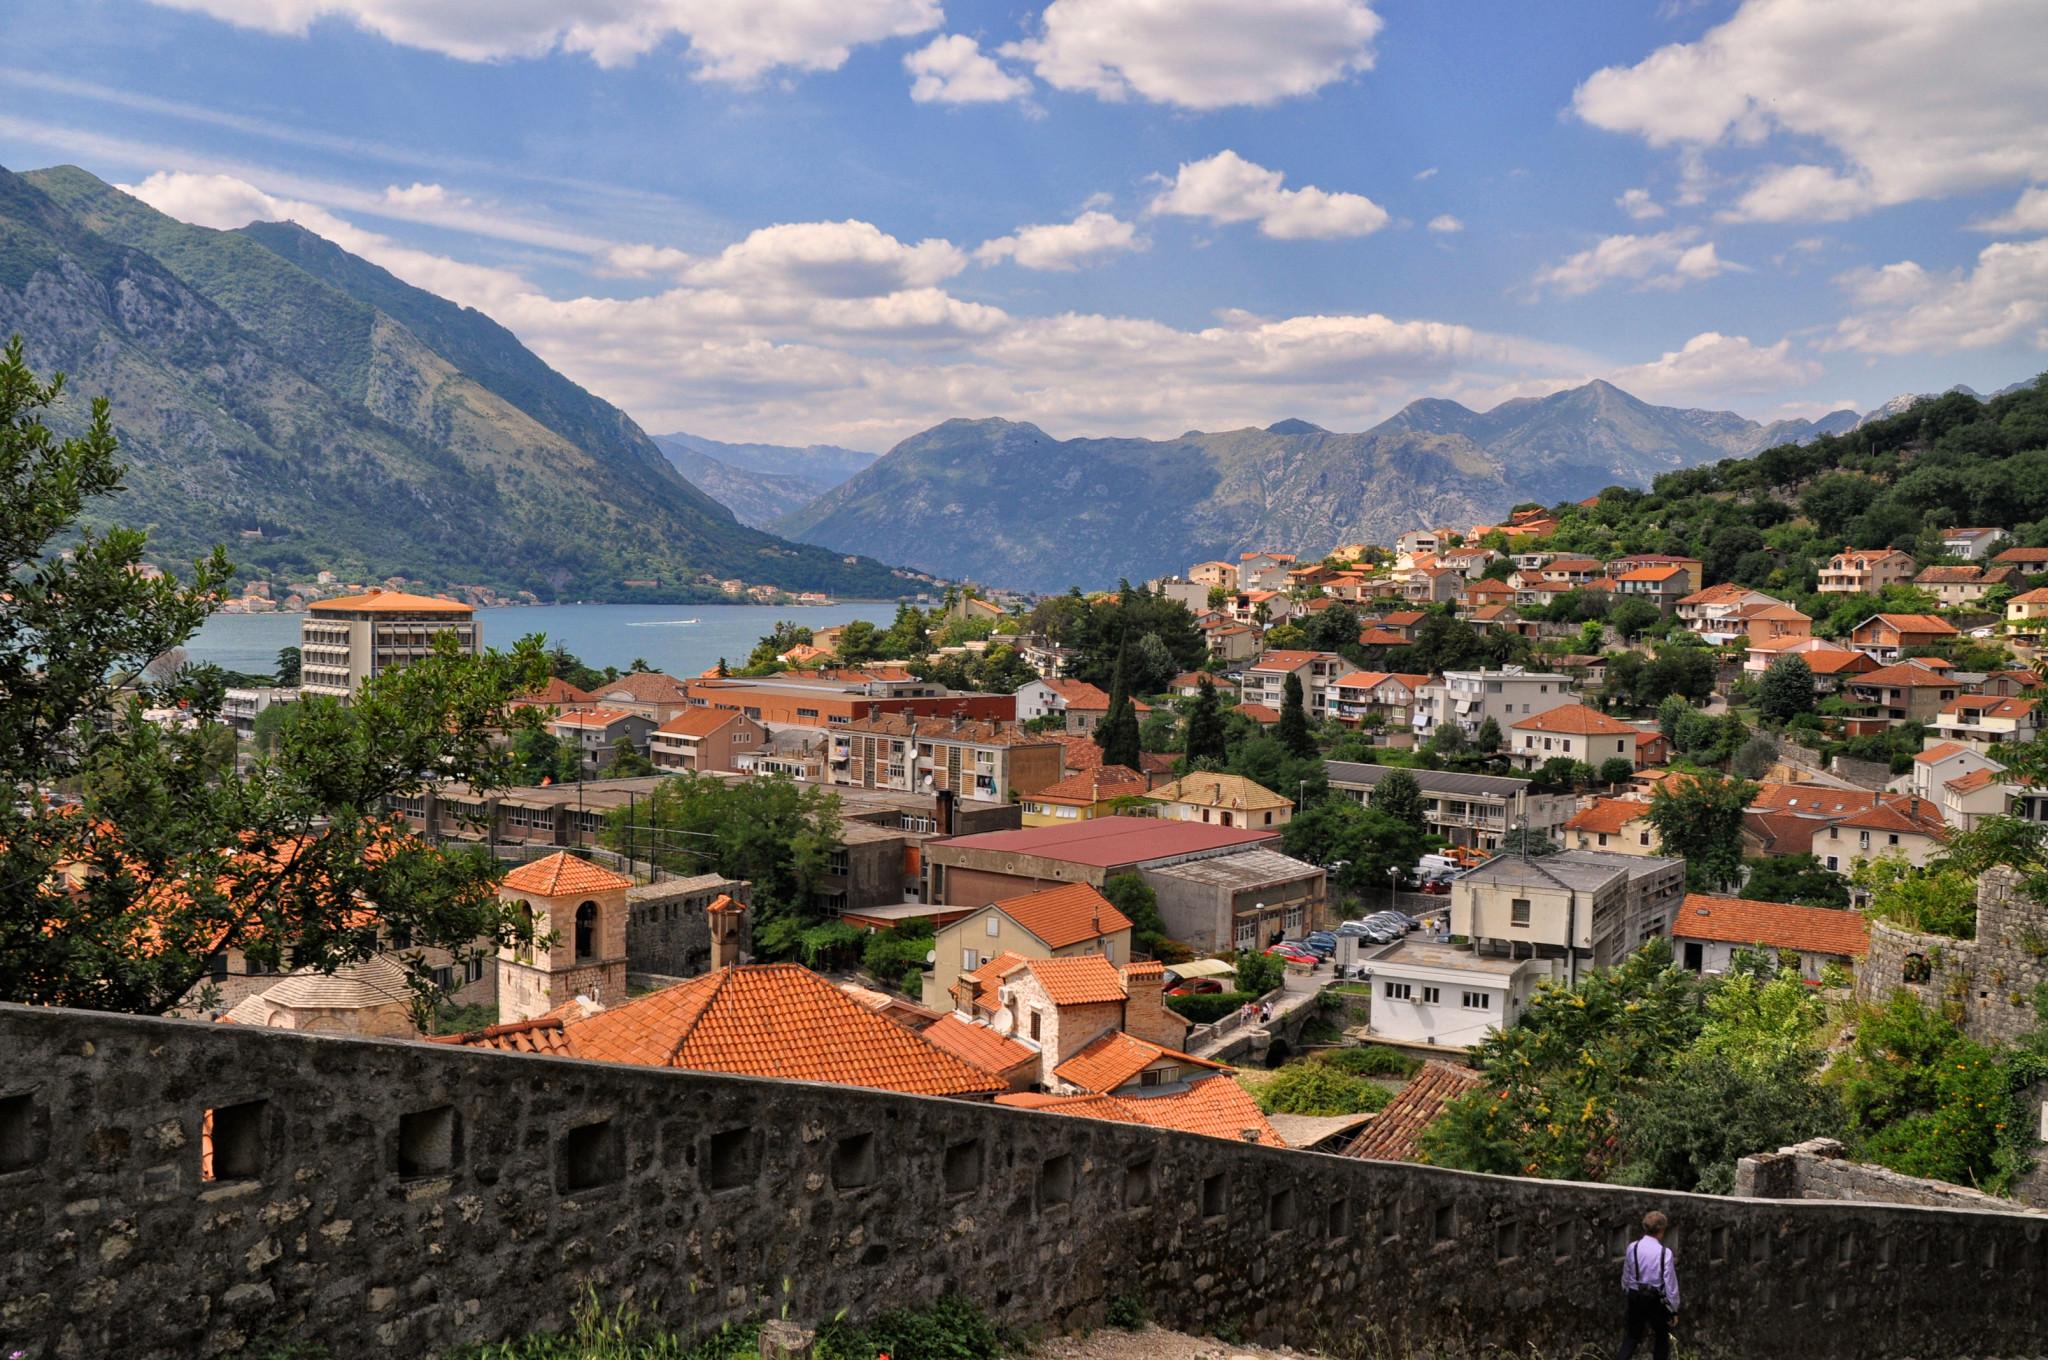 Kotor town in Montenegro